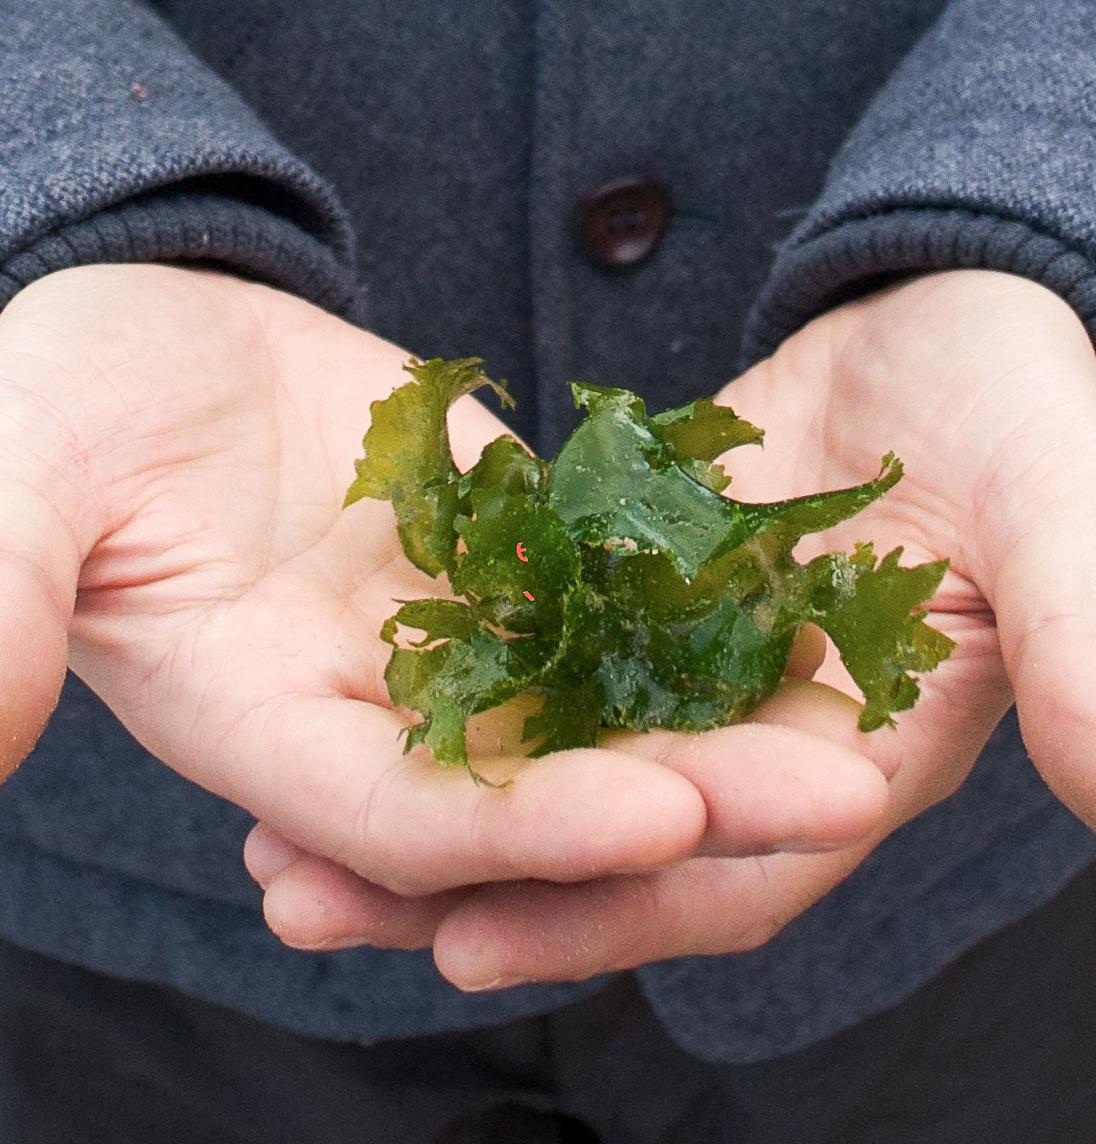 seaweed in hands.jpg